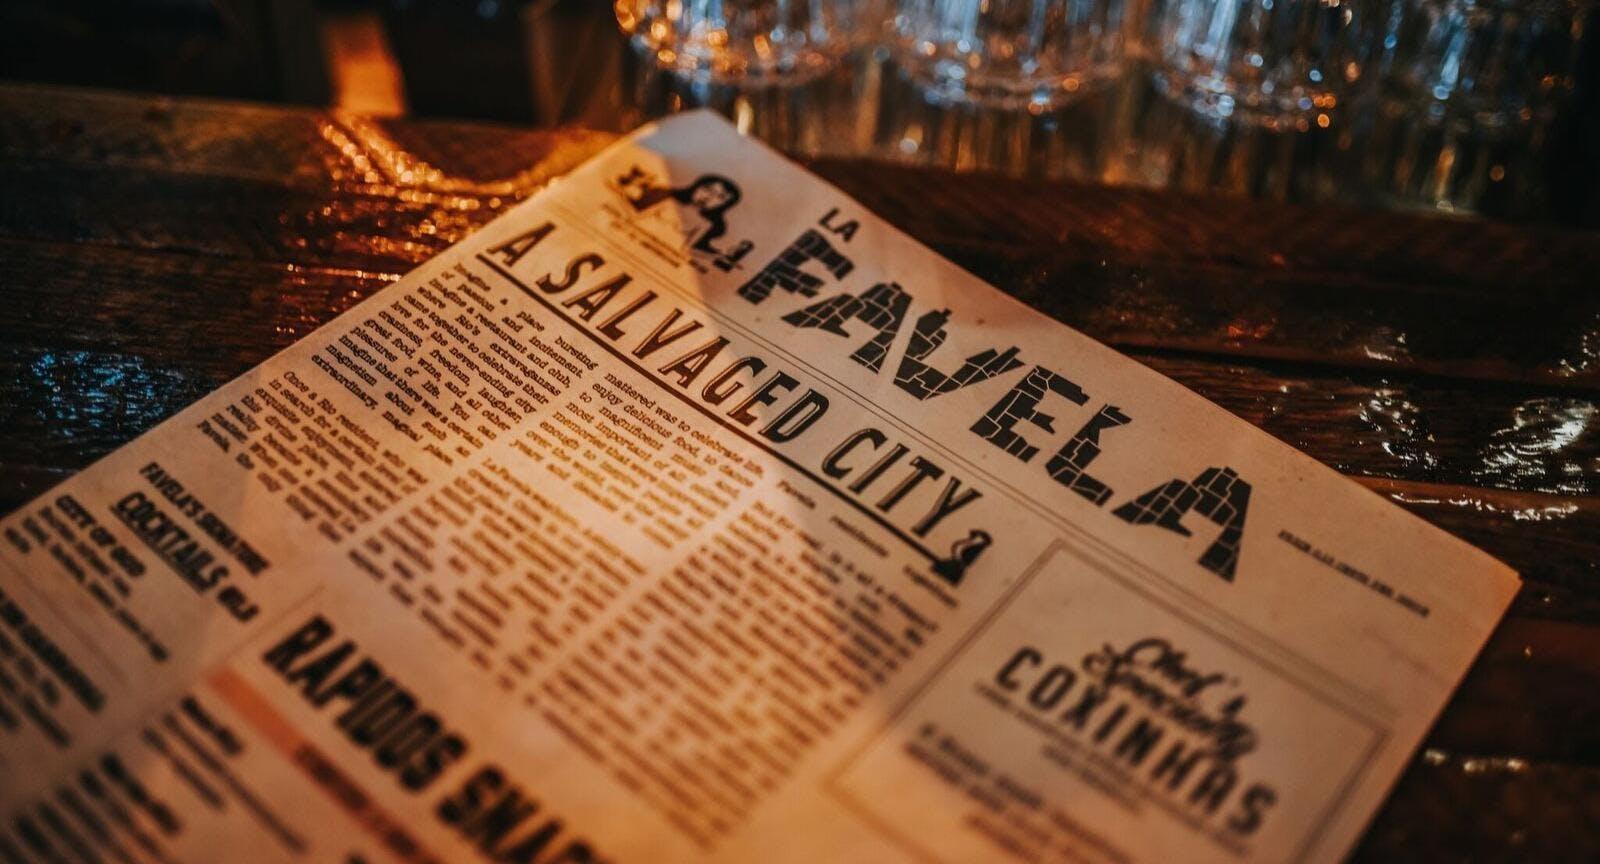 La Favela Amsterdam image 2